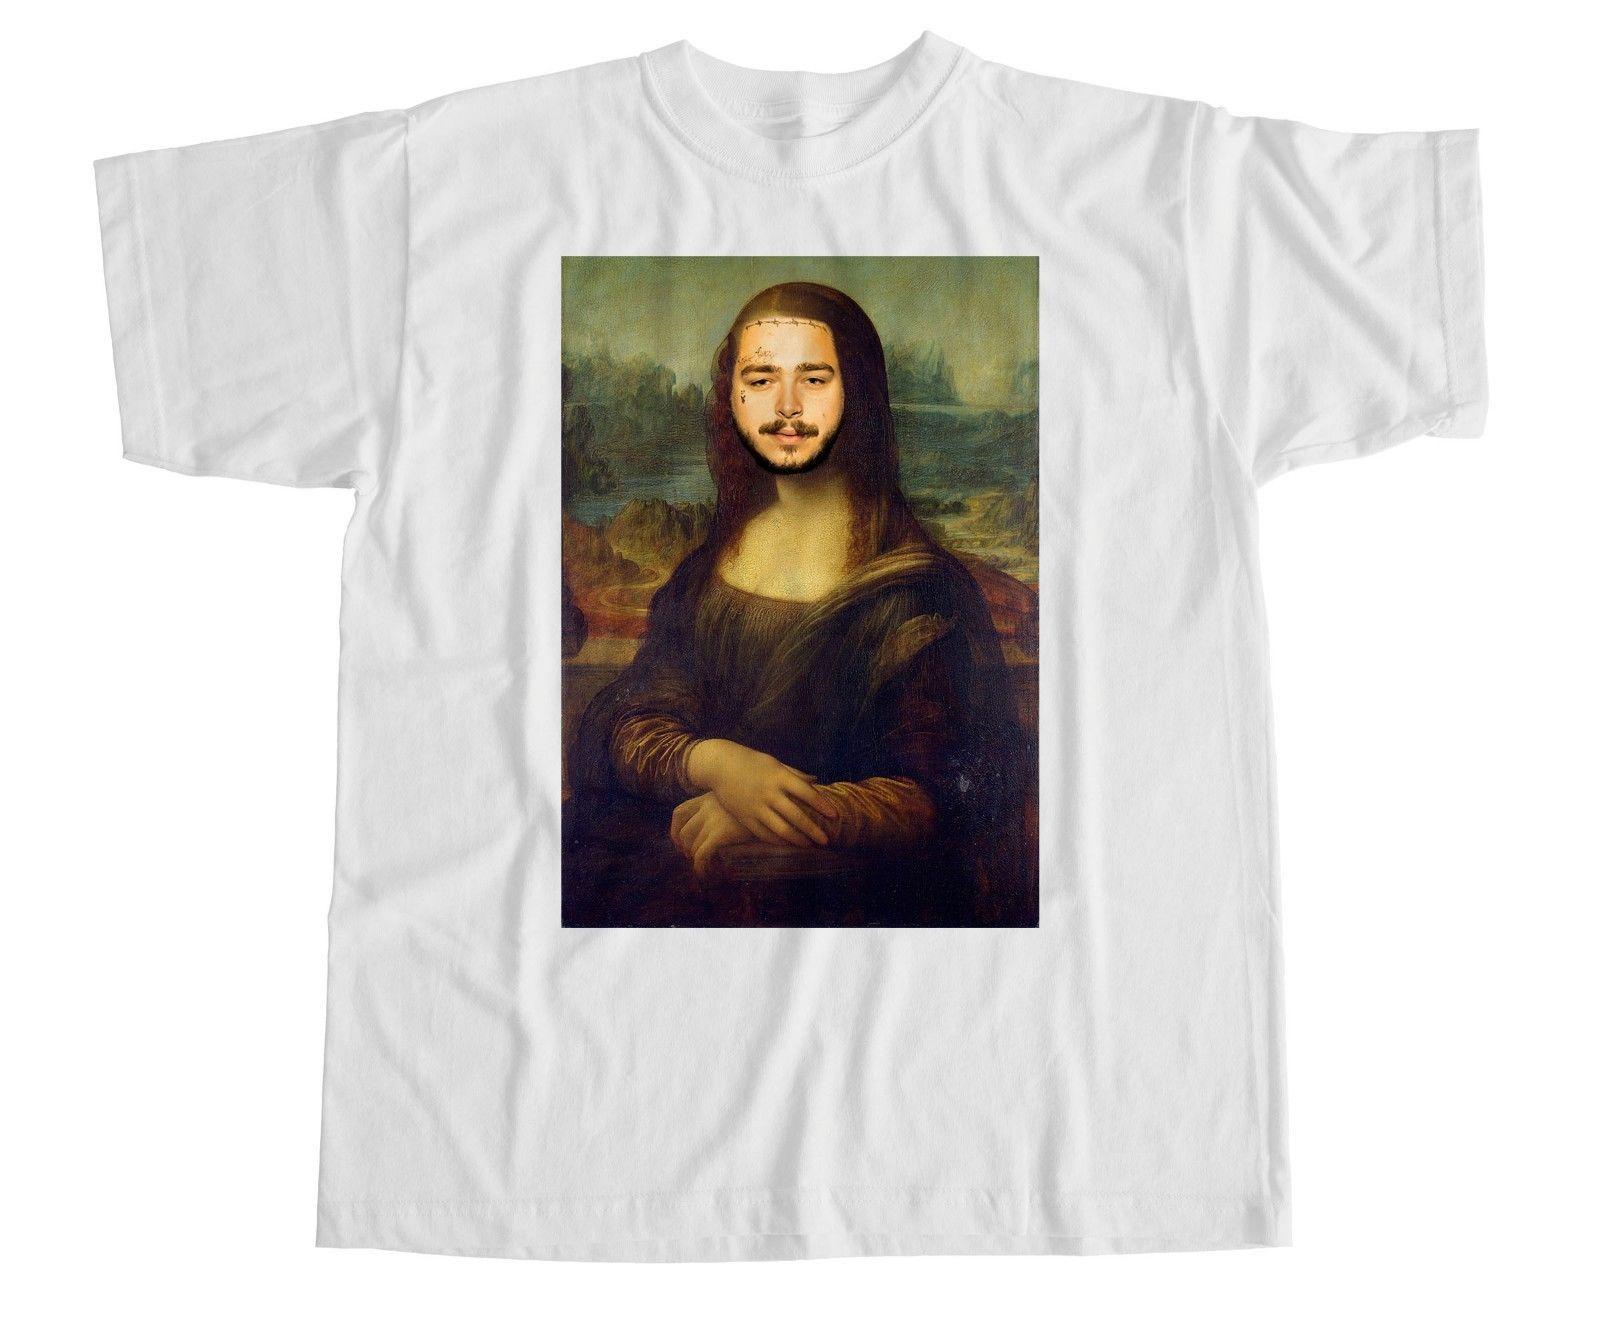 Post Malone Mona Lisa Paródia Camiseta Stoney Branco Iverson Hip Hop tshirt T-shirt Engraçado 100% Algodão Rodada Estilo Personalizado camisa de t camisa